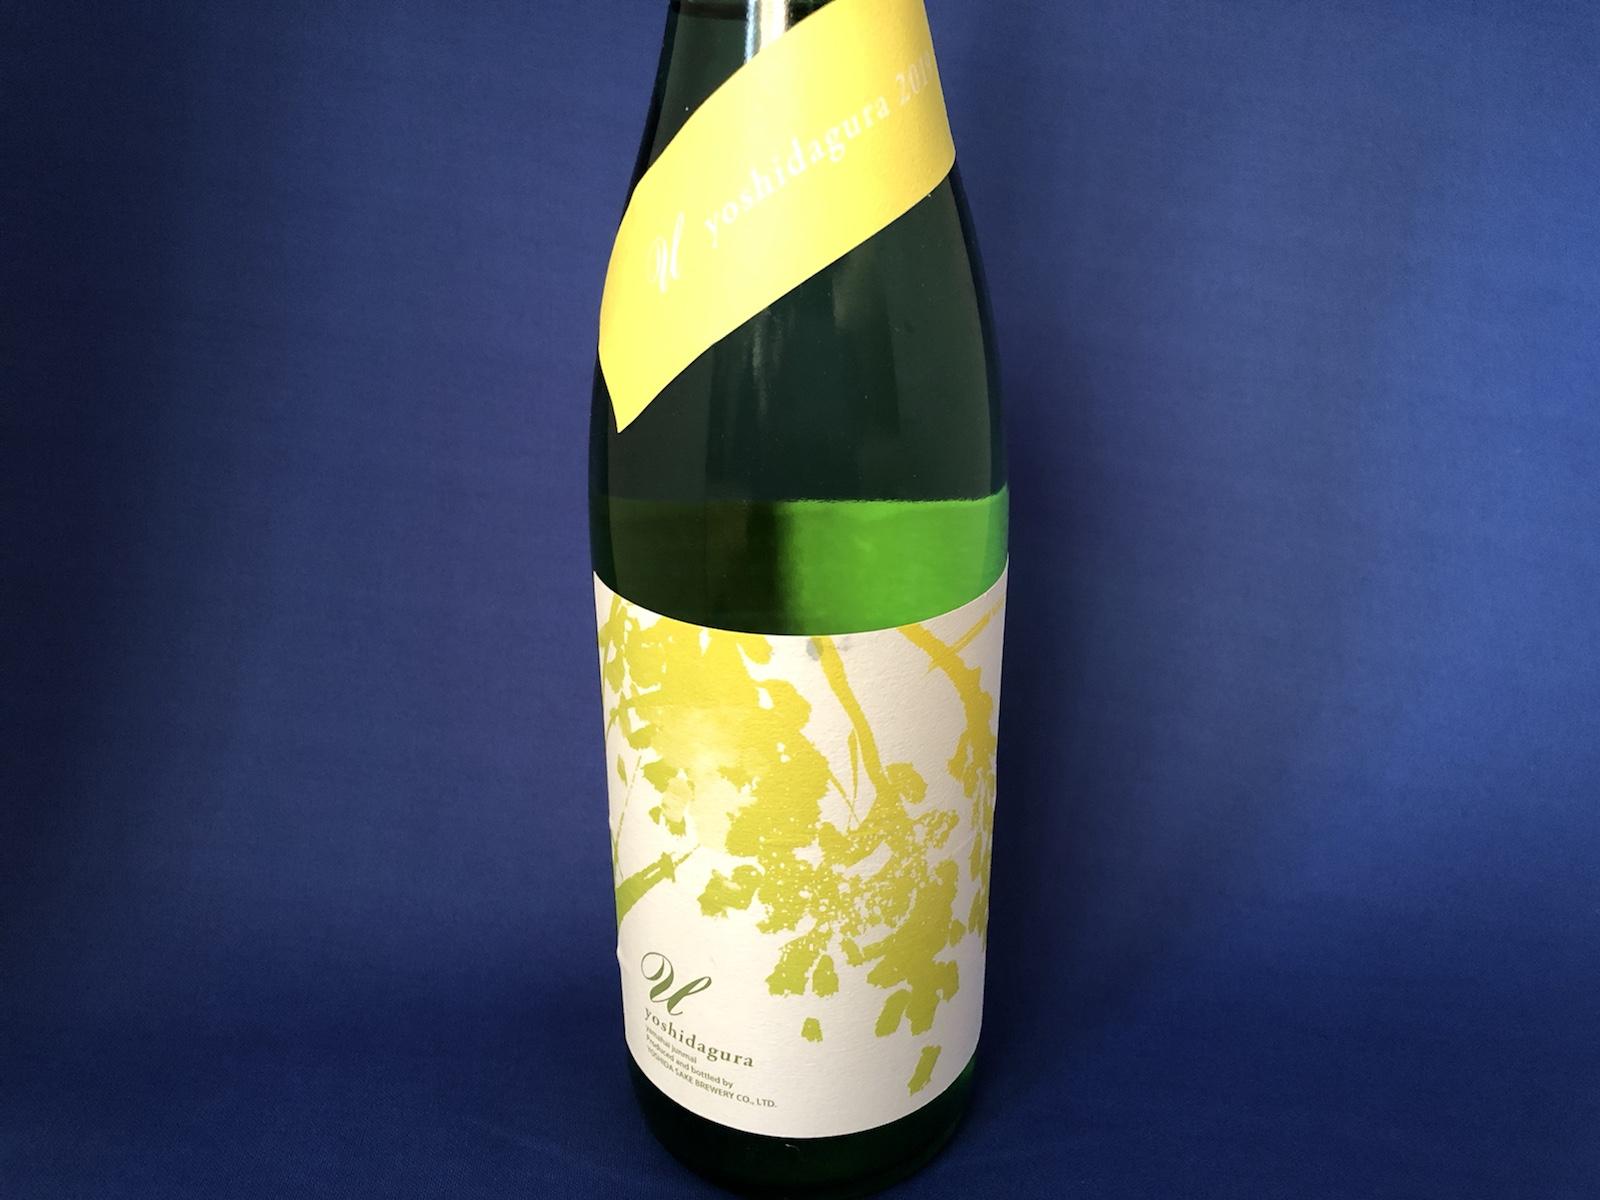 「u yoshidagura」山廃純米無濾過生原酒!伝統の新しいスタイル